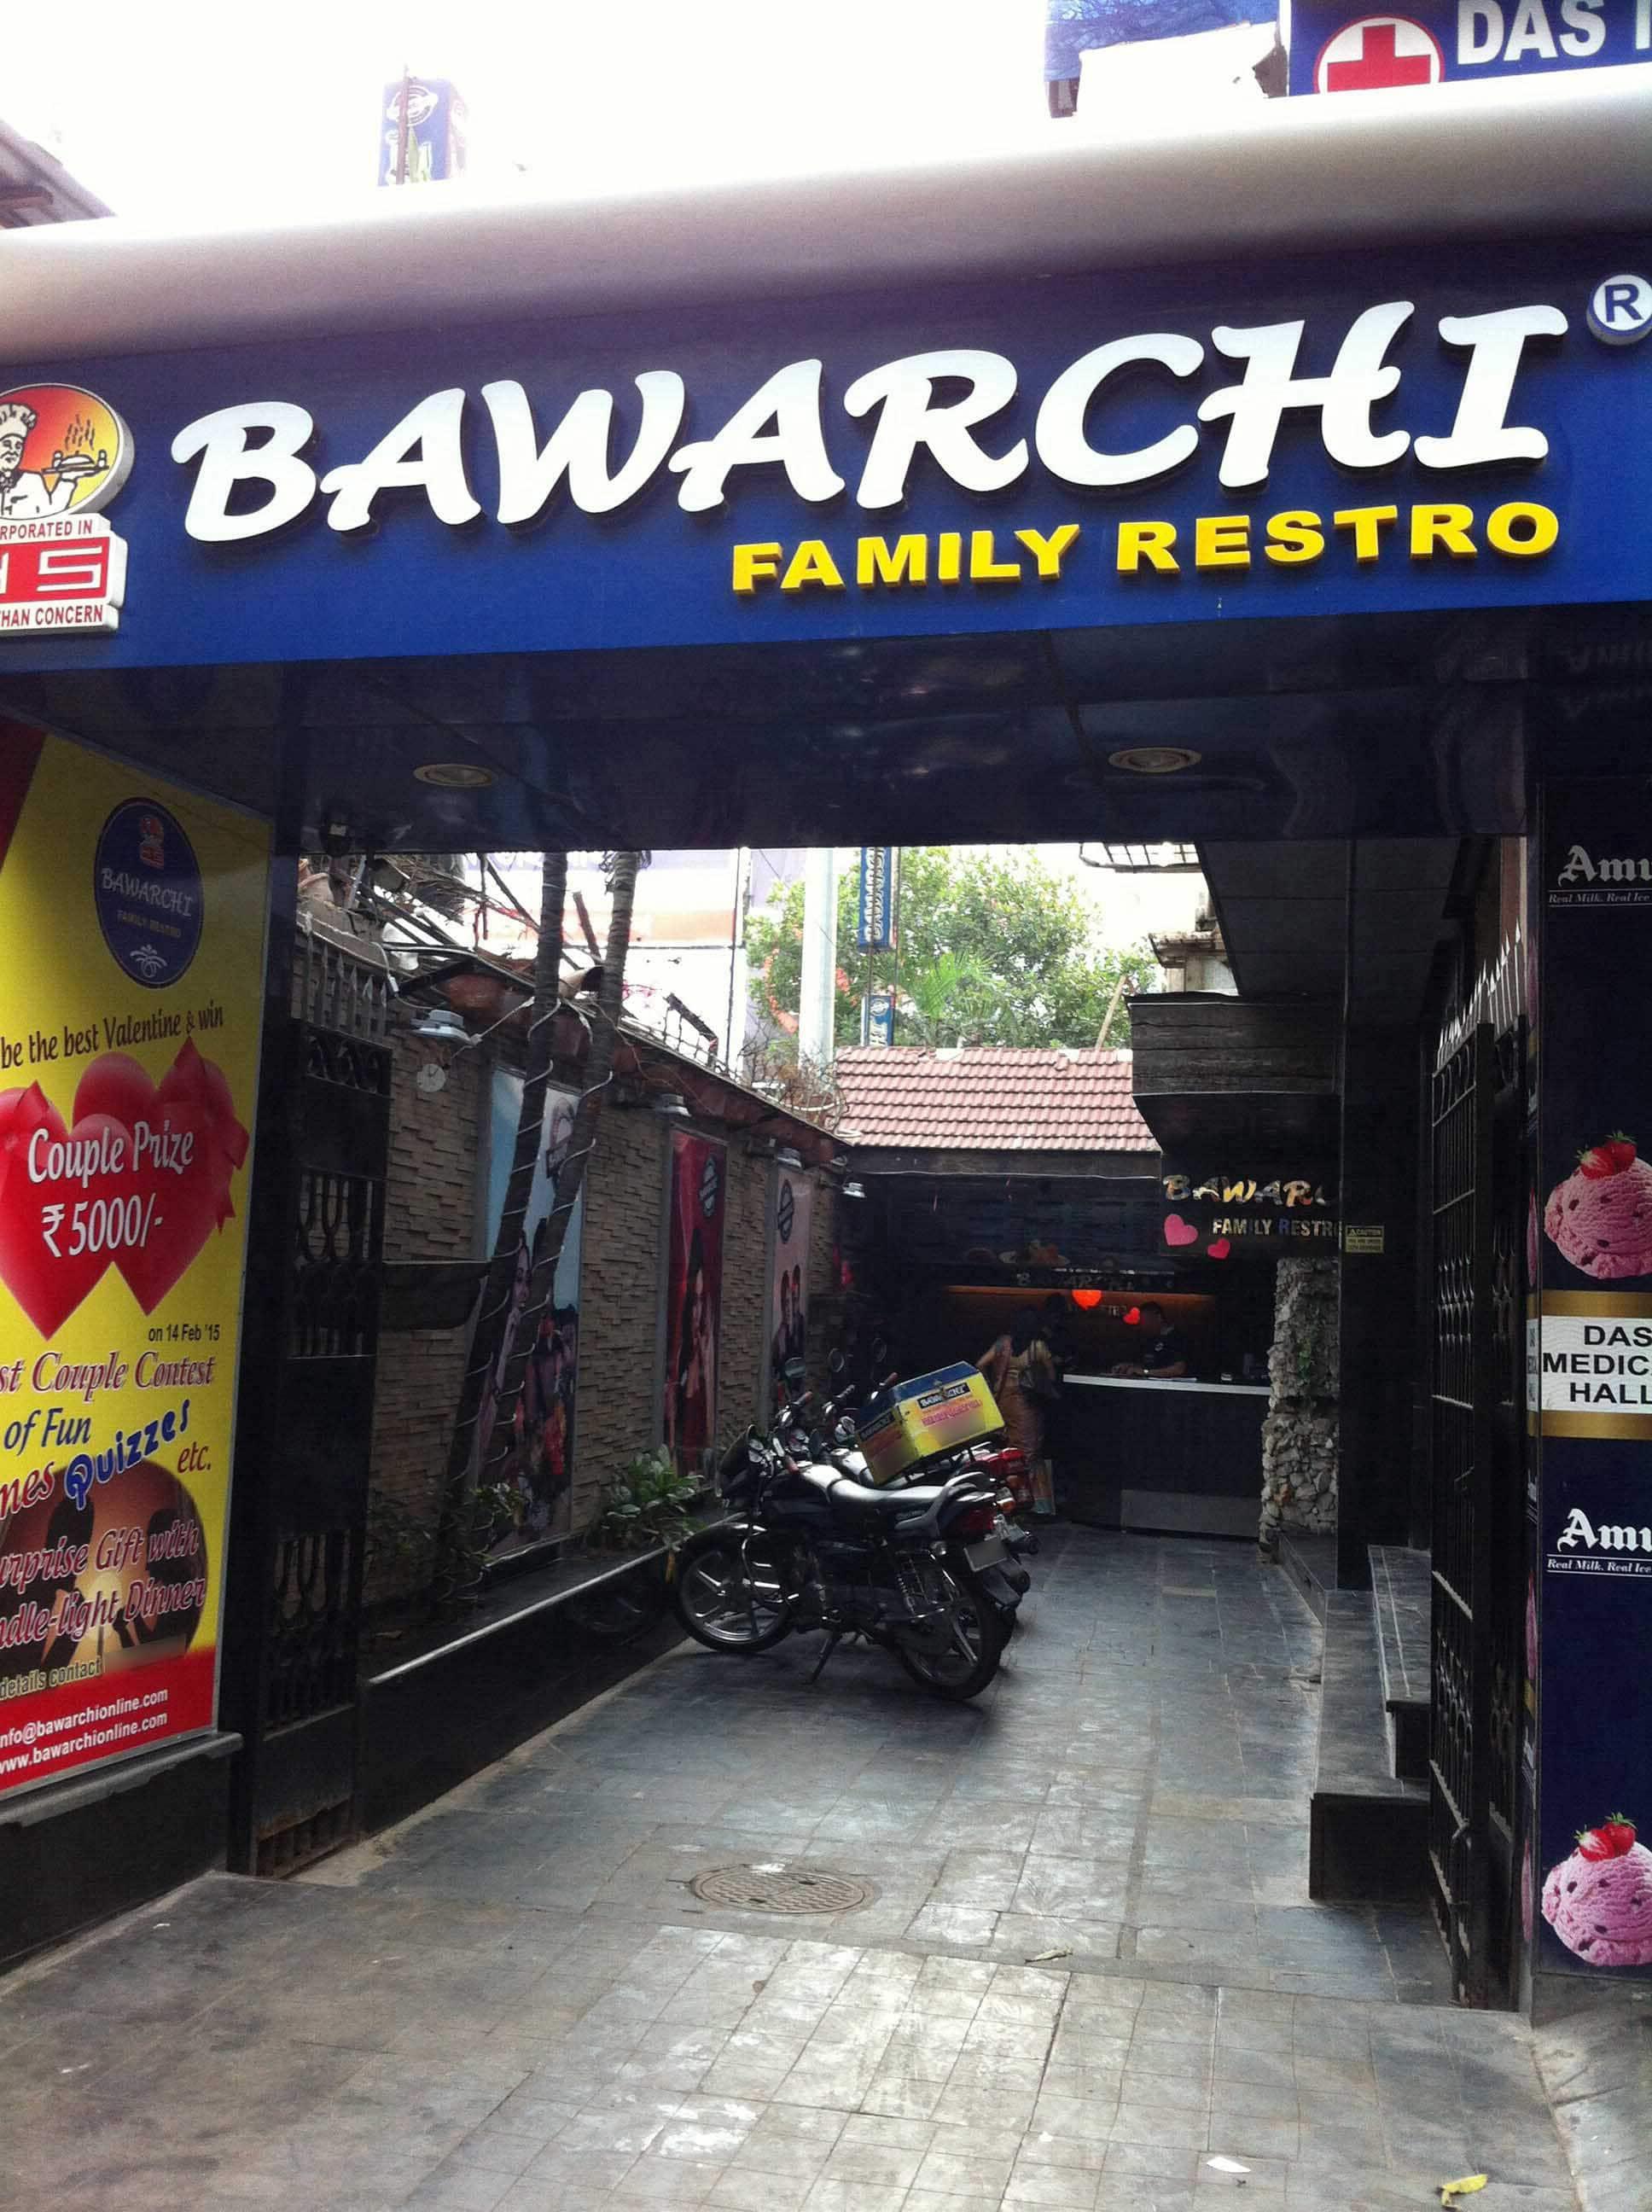 Bawarchi Family Restaurant, Jadavpur, Kolkata - Restaurant